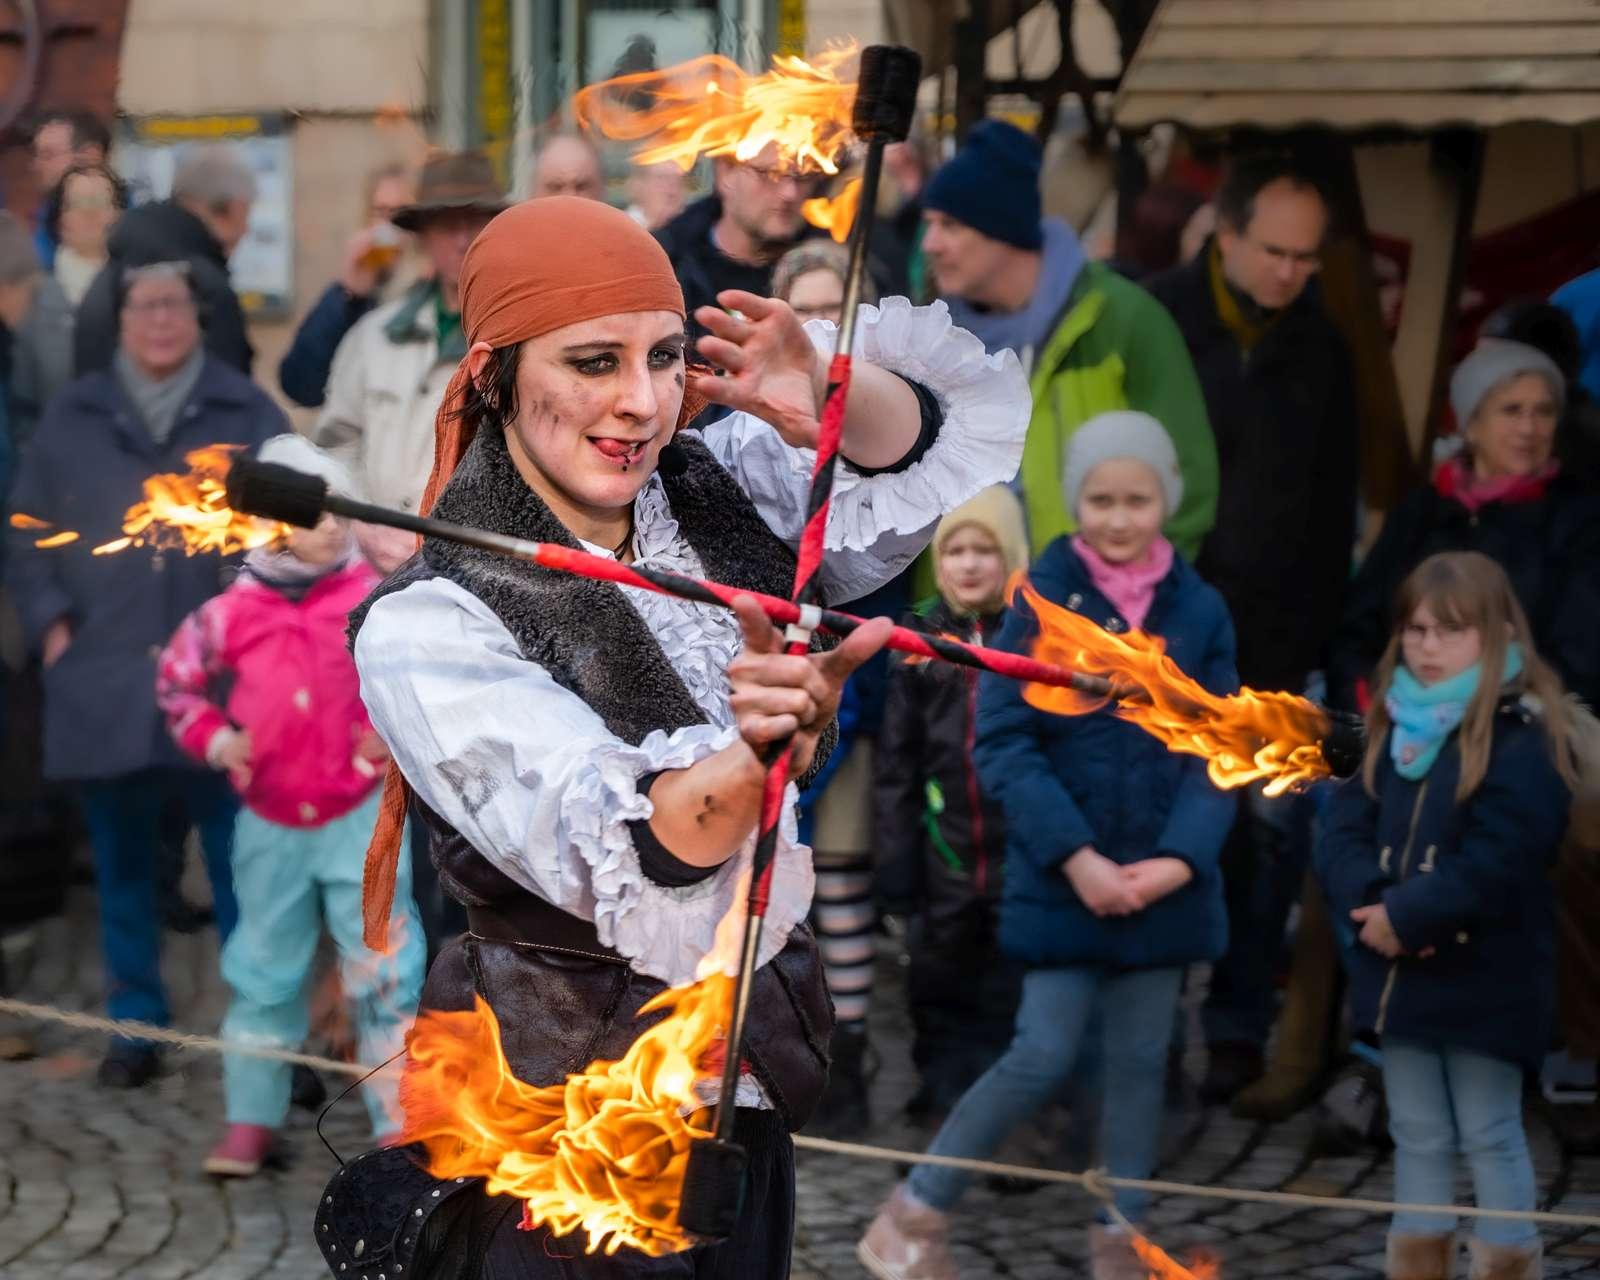 Piraten-Feuershow beim Kieler Umschlag 2020